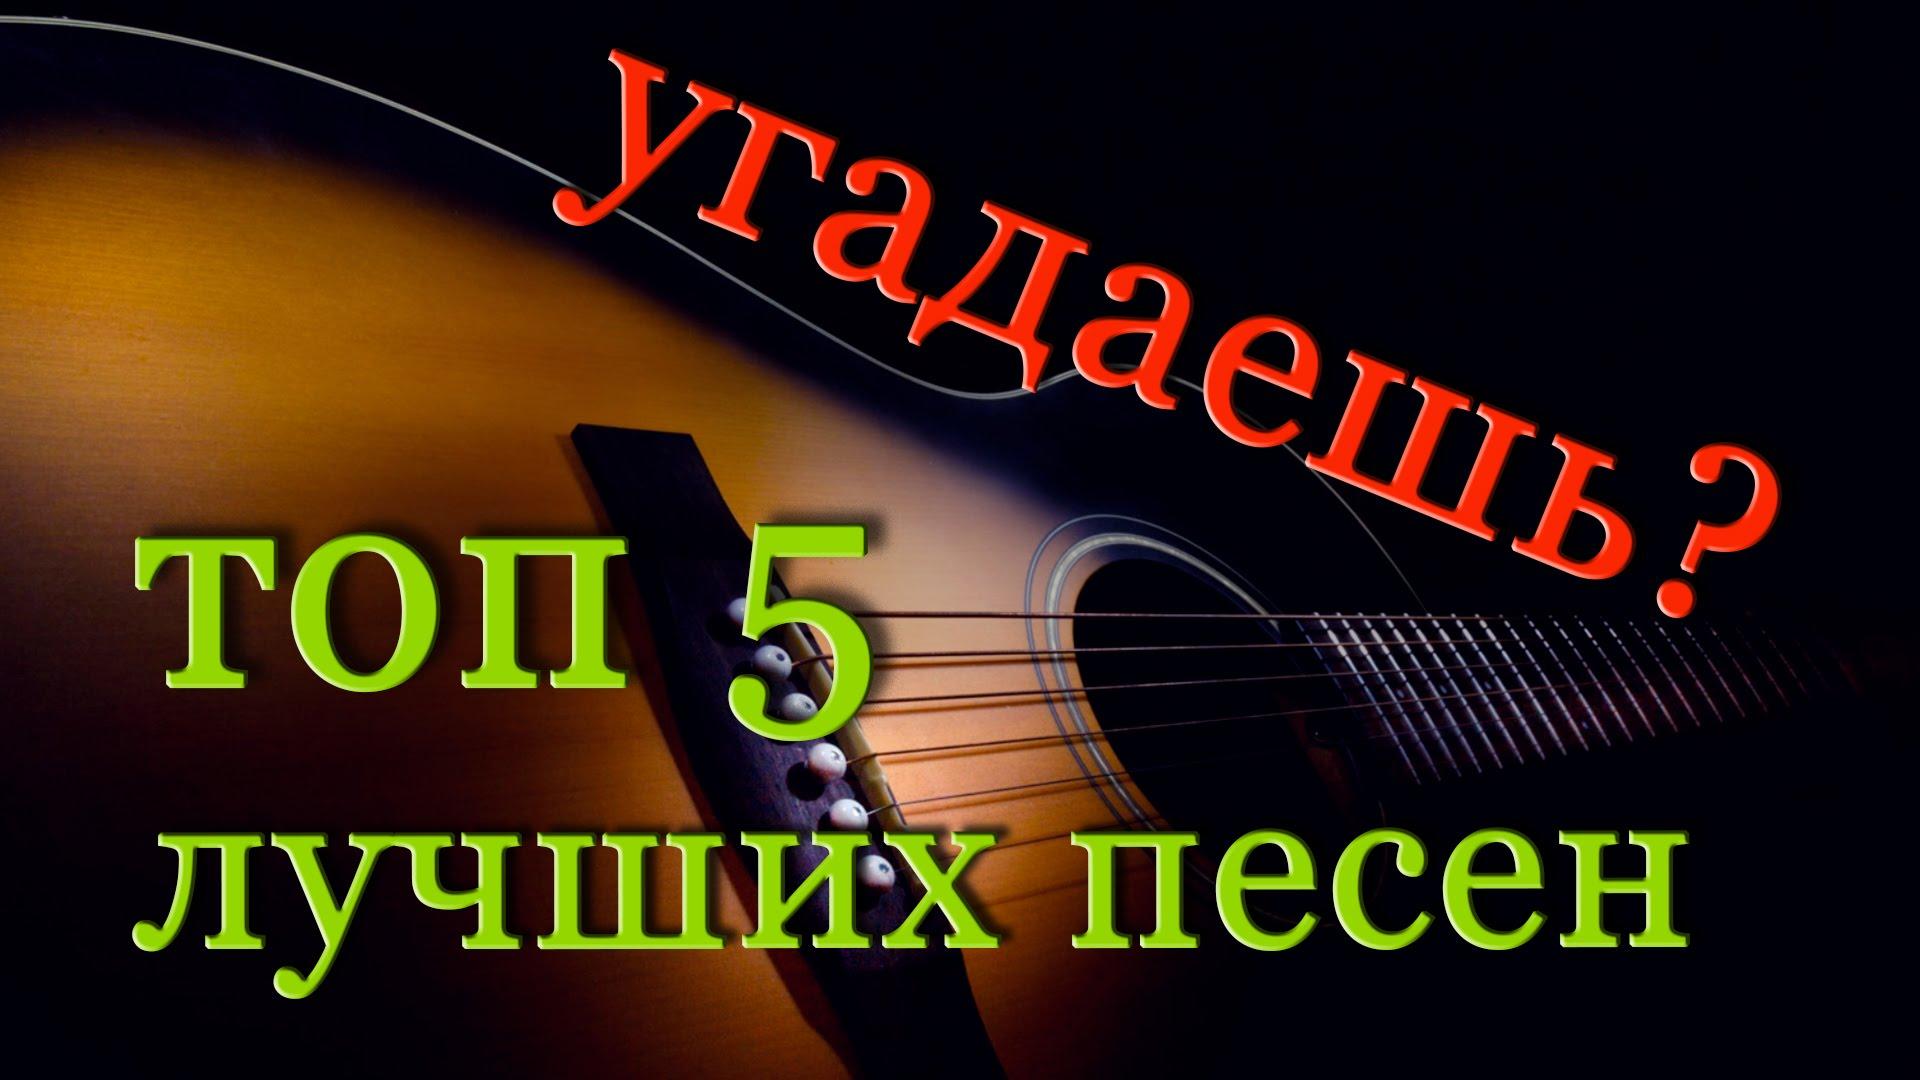 ТОП 5 лучших песен. Угадаешь